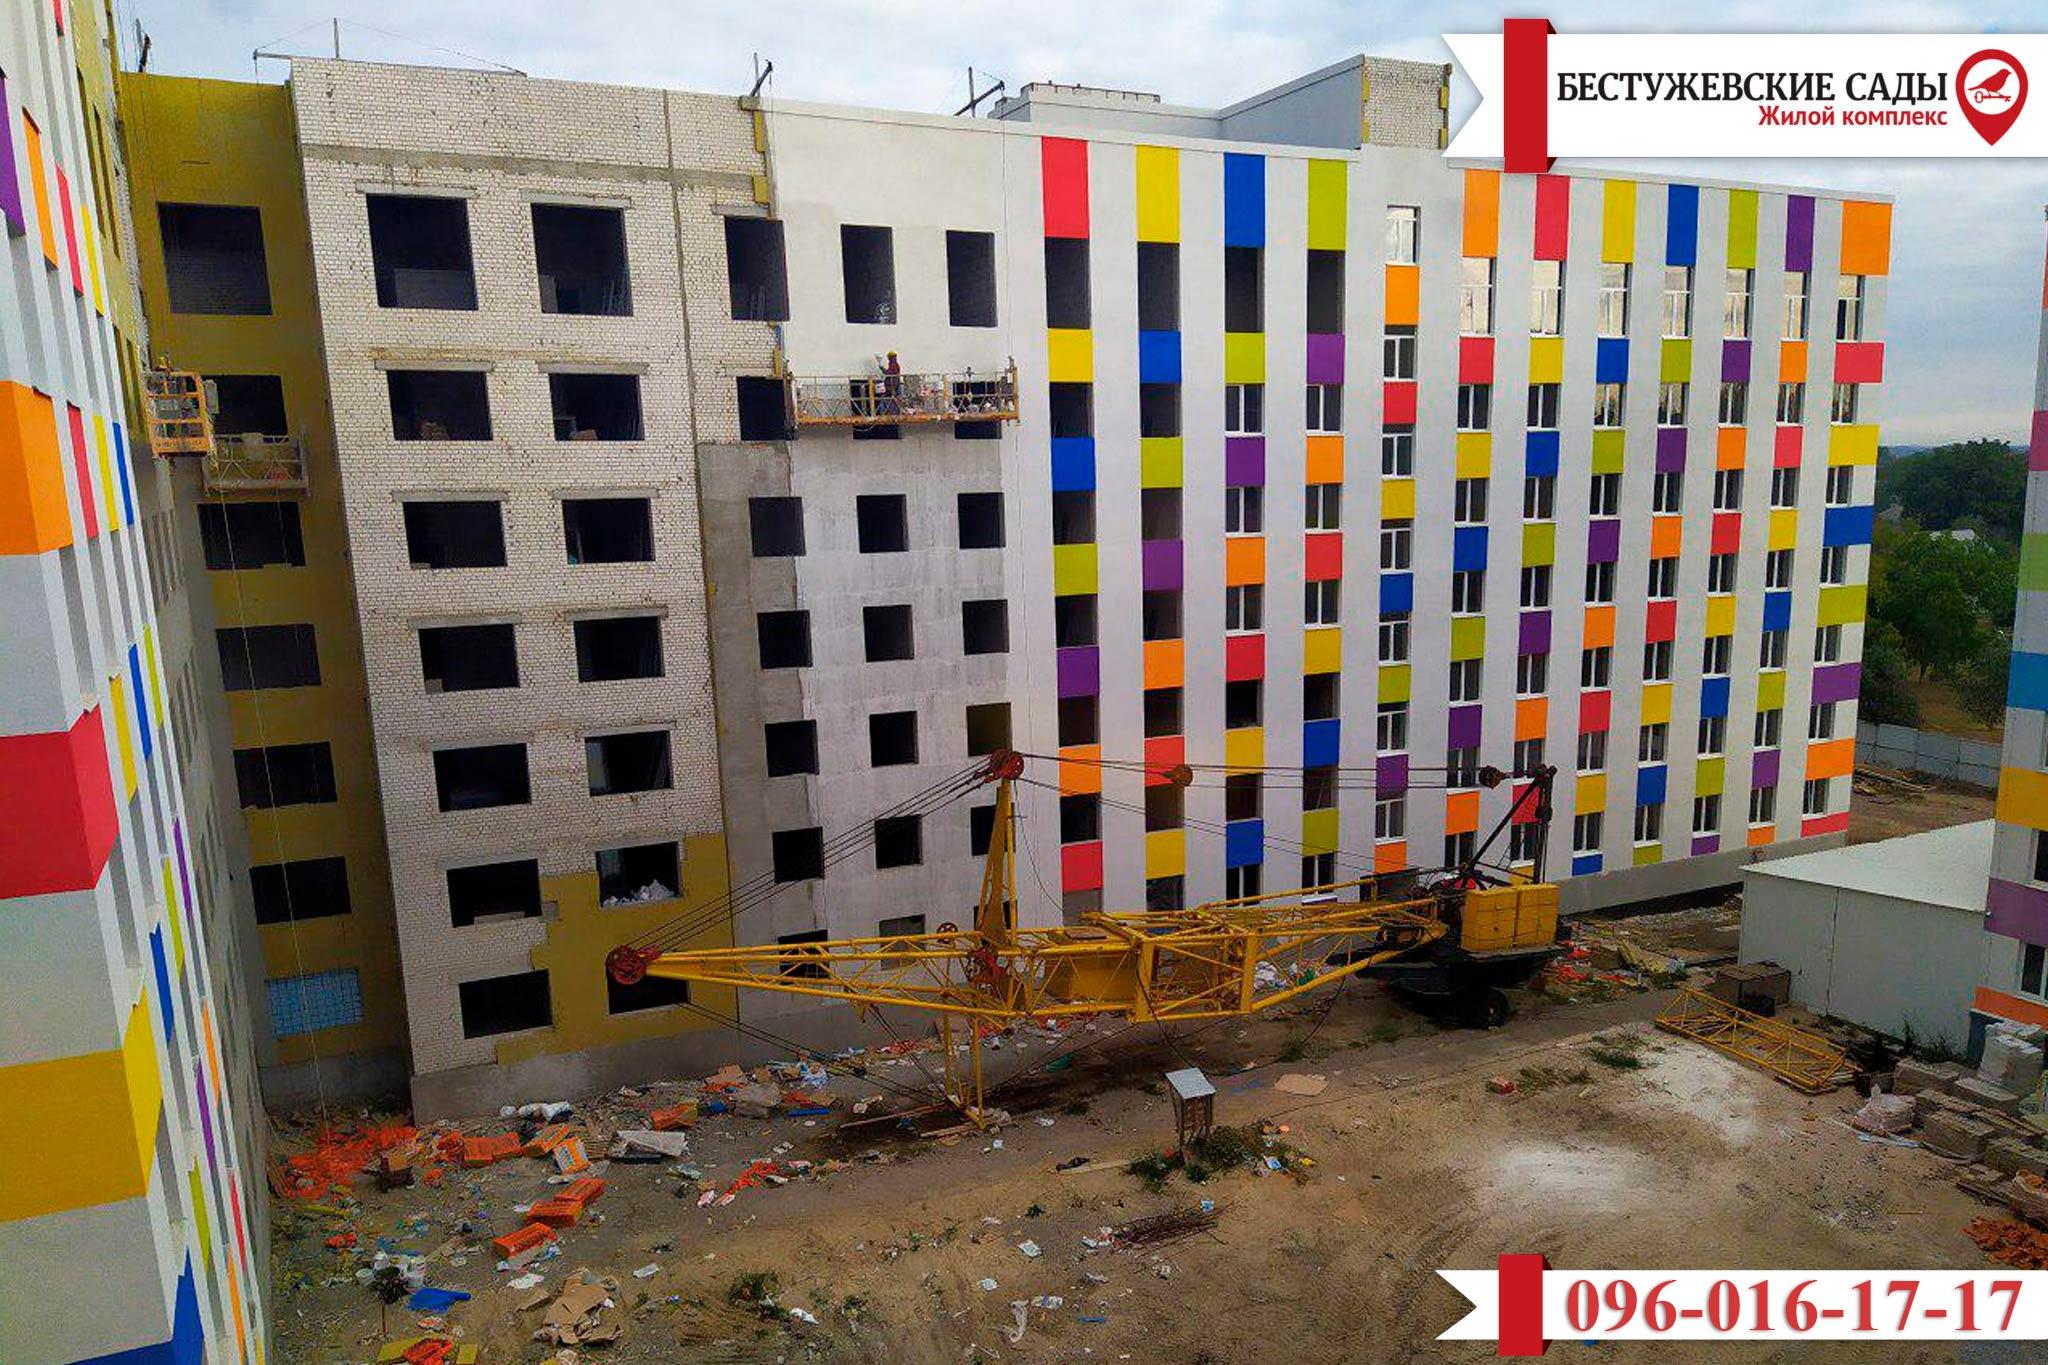 Свежая информация о строительстве ЖК «Бестужевские сады»